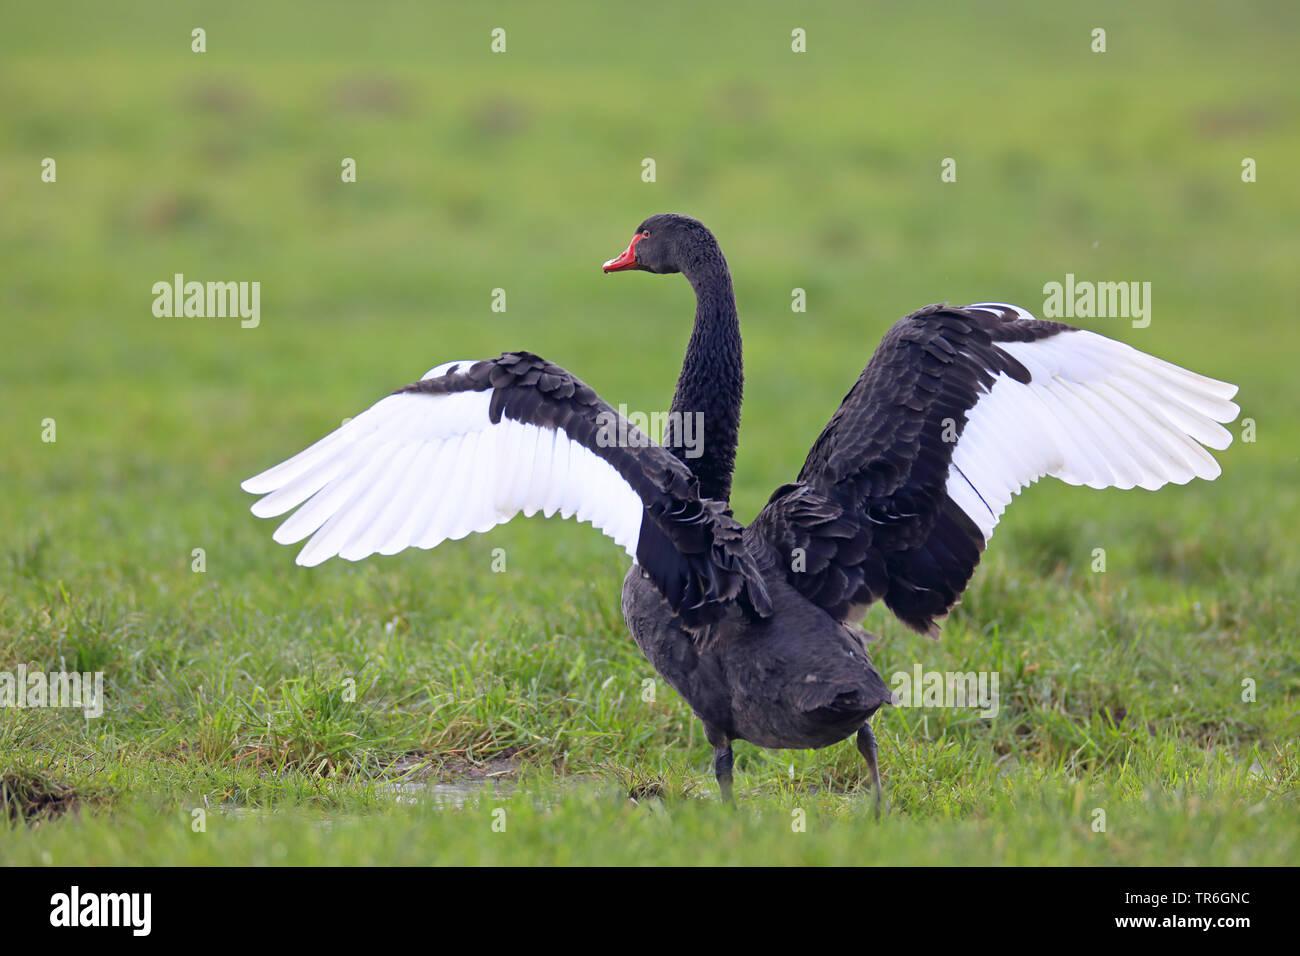 Schwarzschwan, Schwarz-Schwan, Trauerschwan, Trauer-Schwan, Schwarzer Schwan (Cygnus atratus), fluegelschlagend auf einer Weide, Niederlande   black s - Stock Image